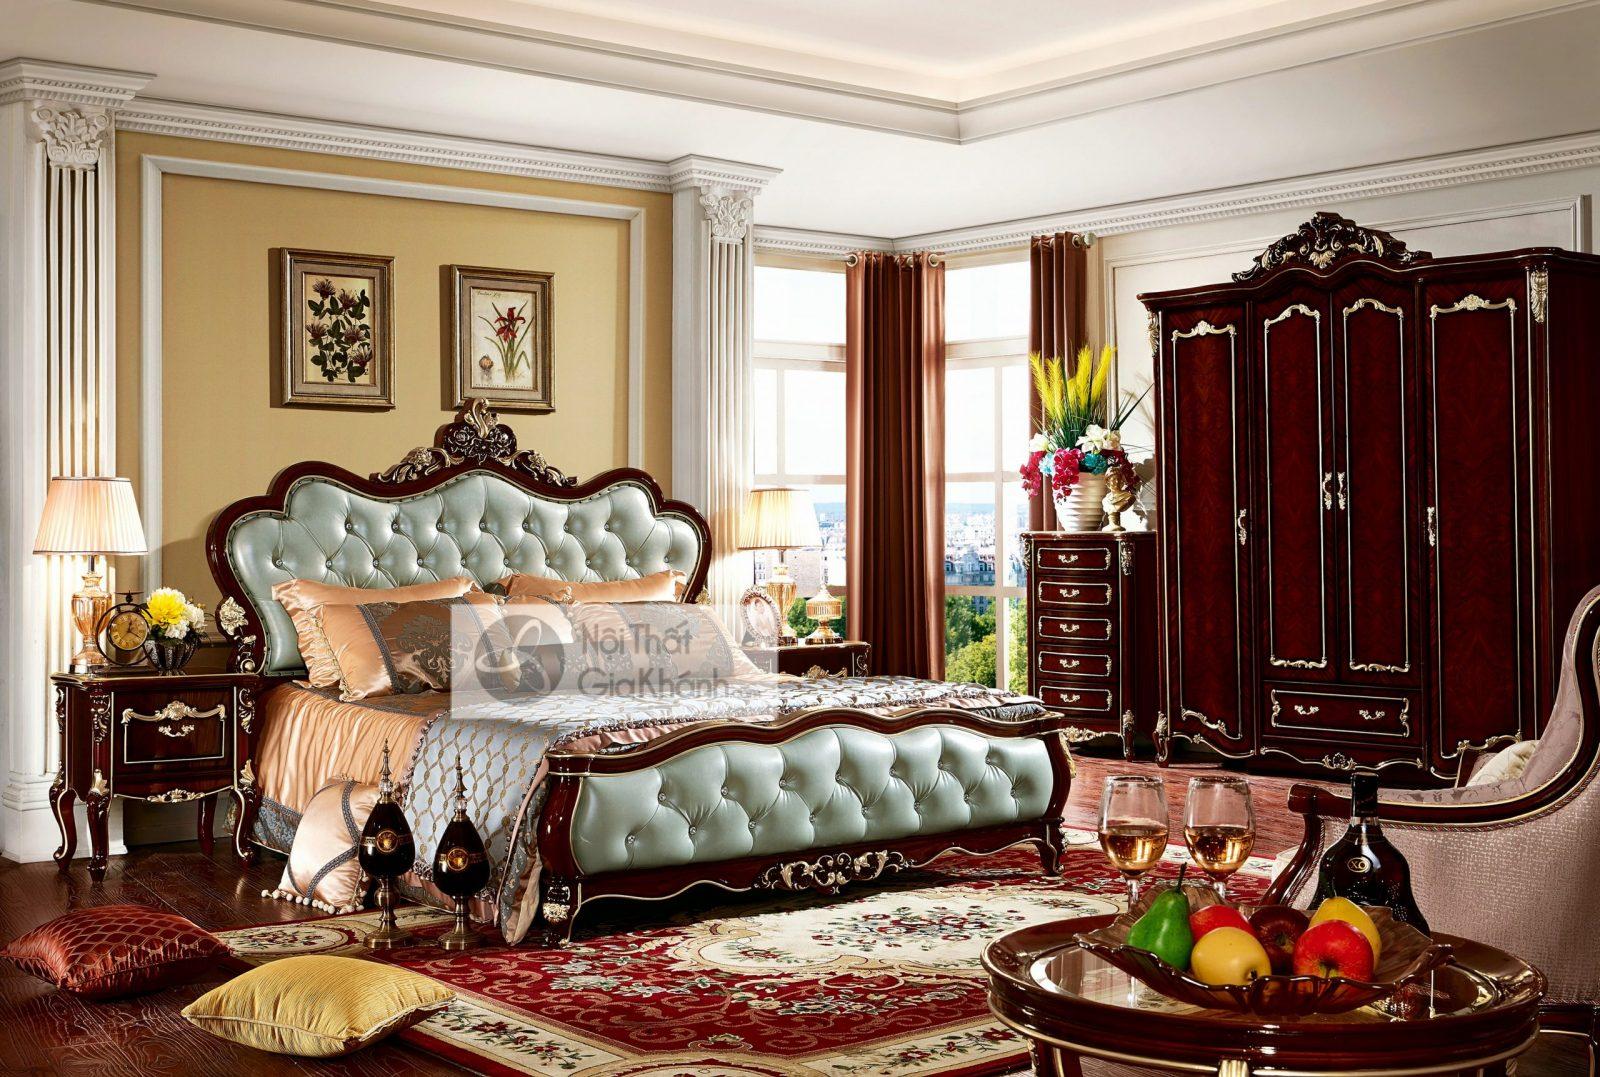 Giường Ngủ Tân Cổ Điển Màu Rượu Vang Nho Gi8823G Phong Cách Quý Tộc